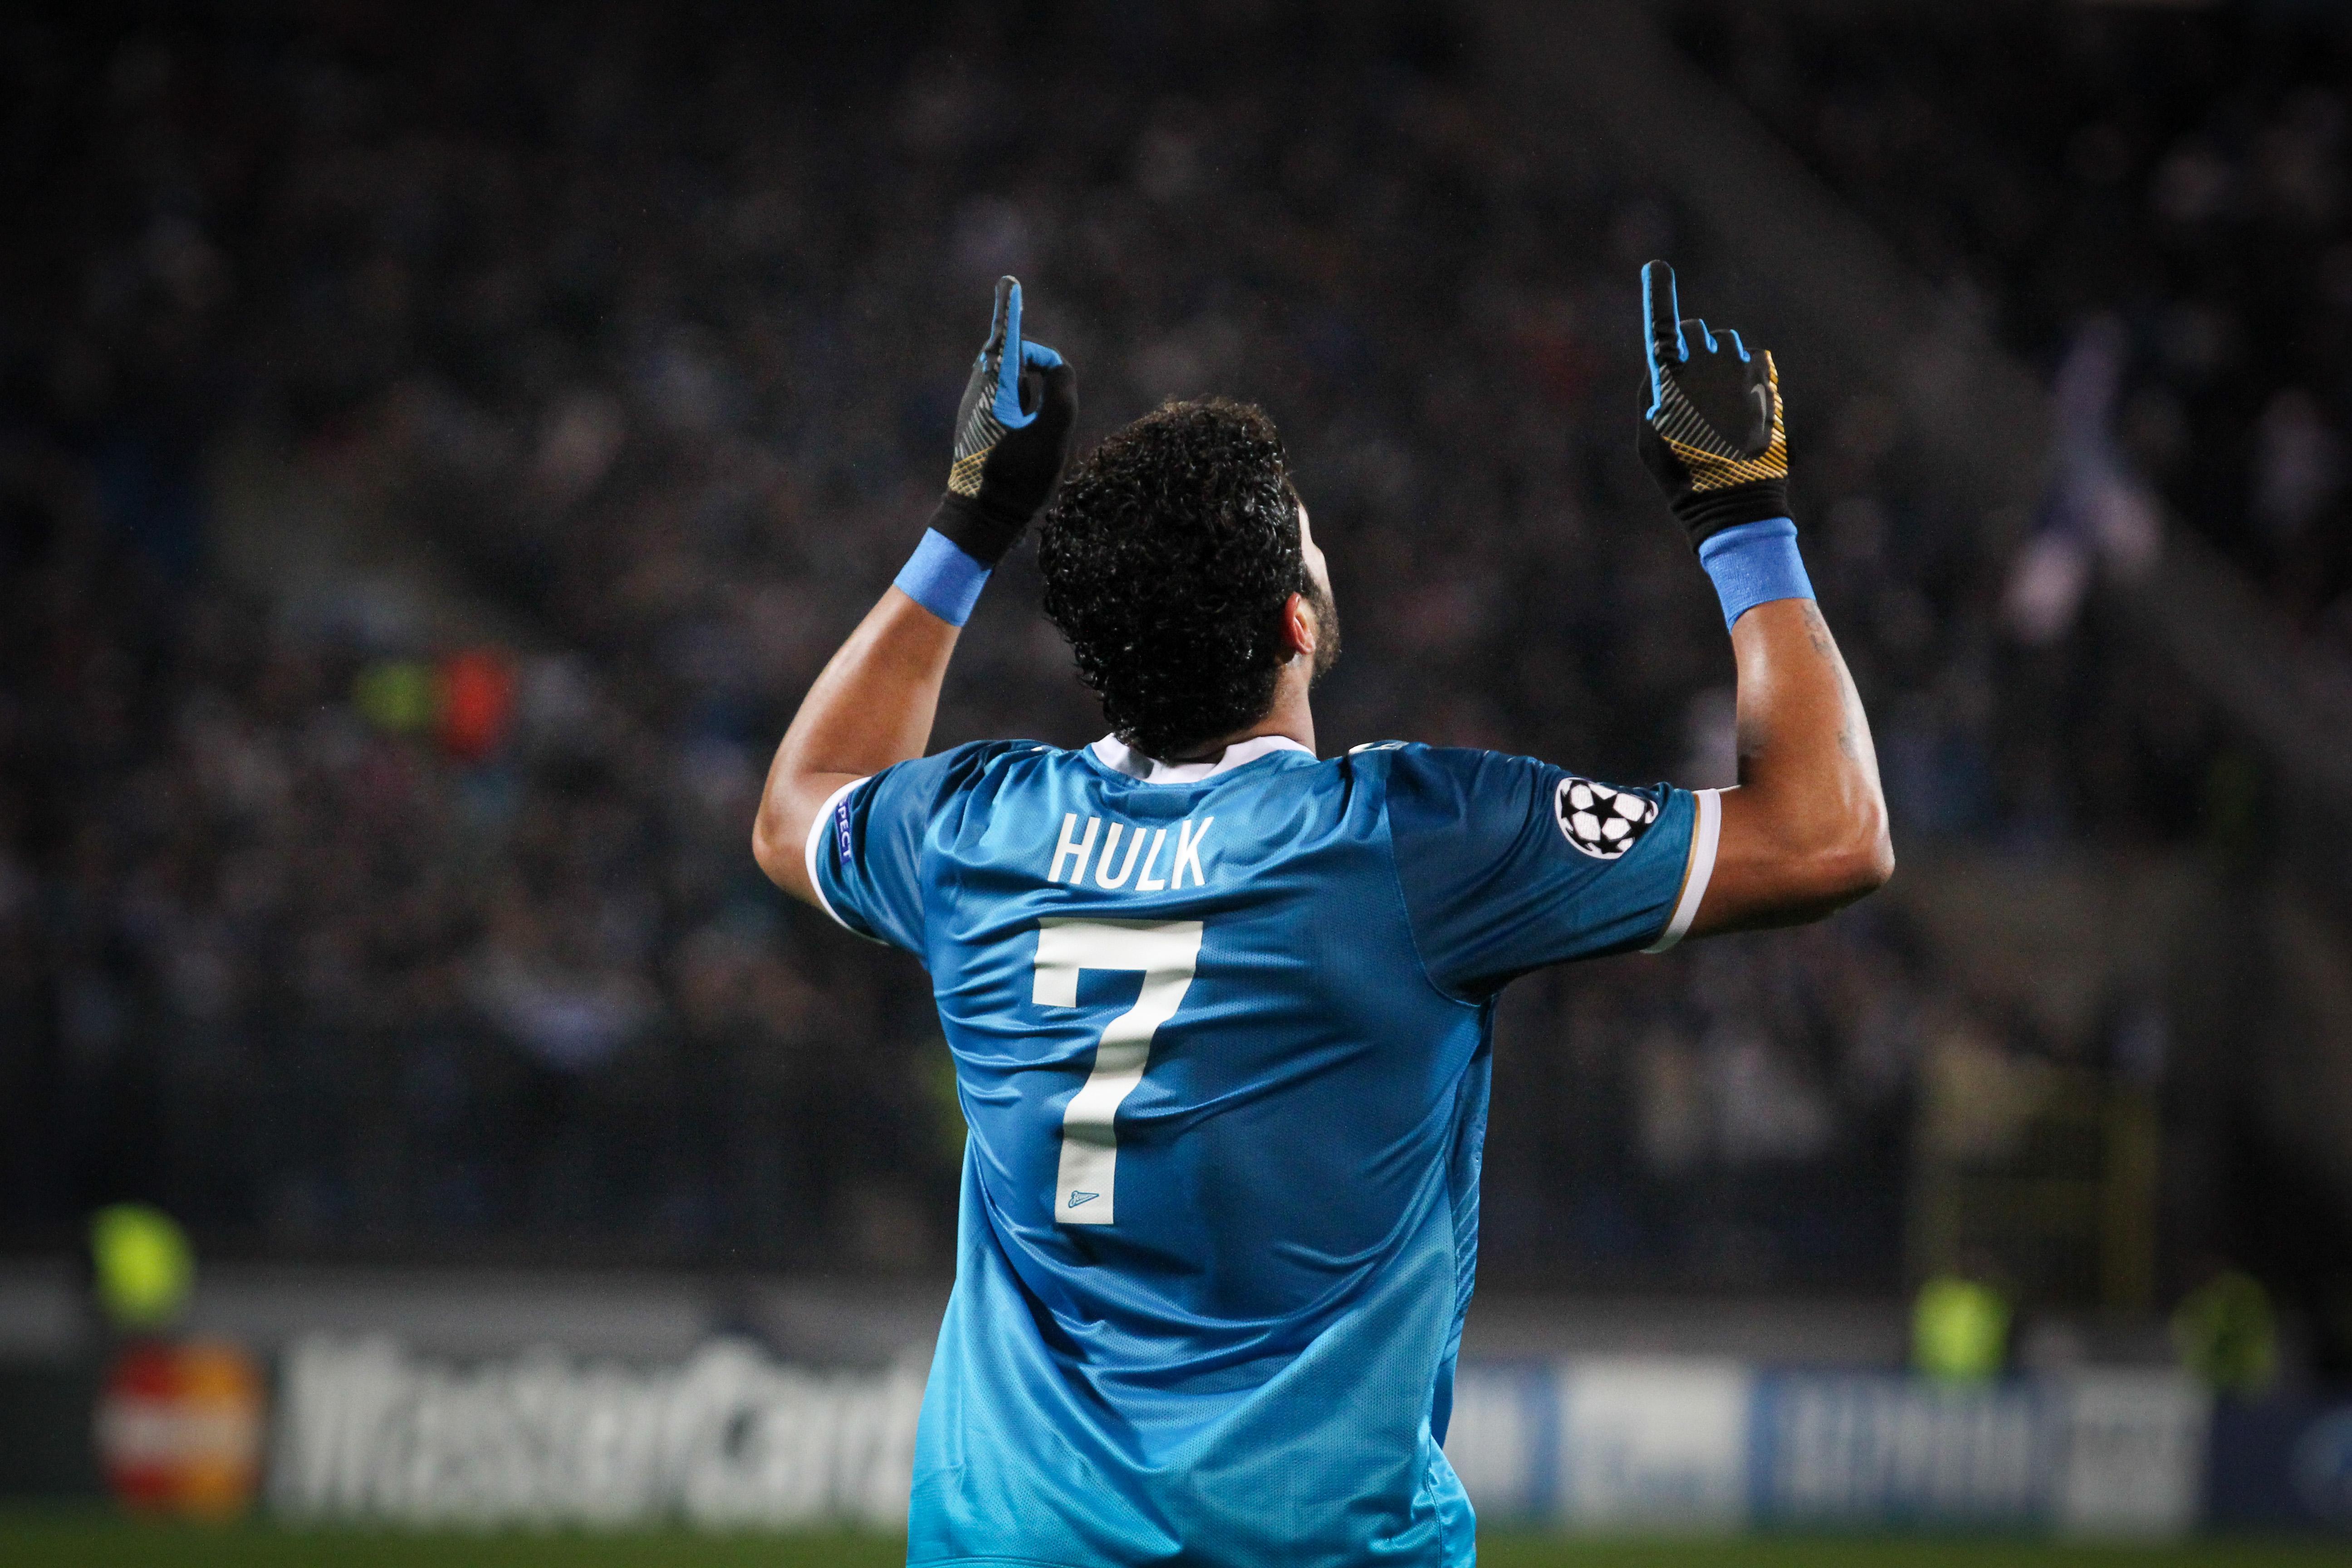 Четыре главных вывода из матча «Зенит» — «Порту»